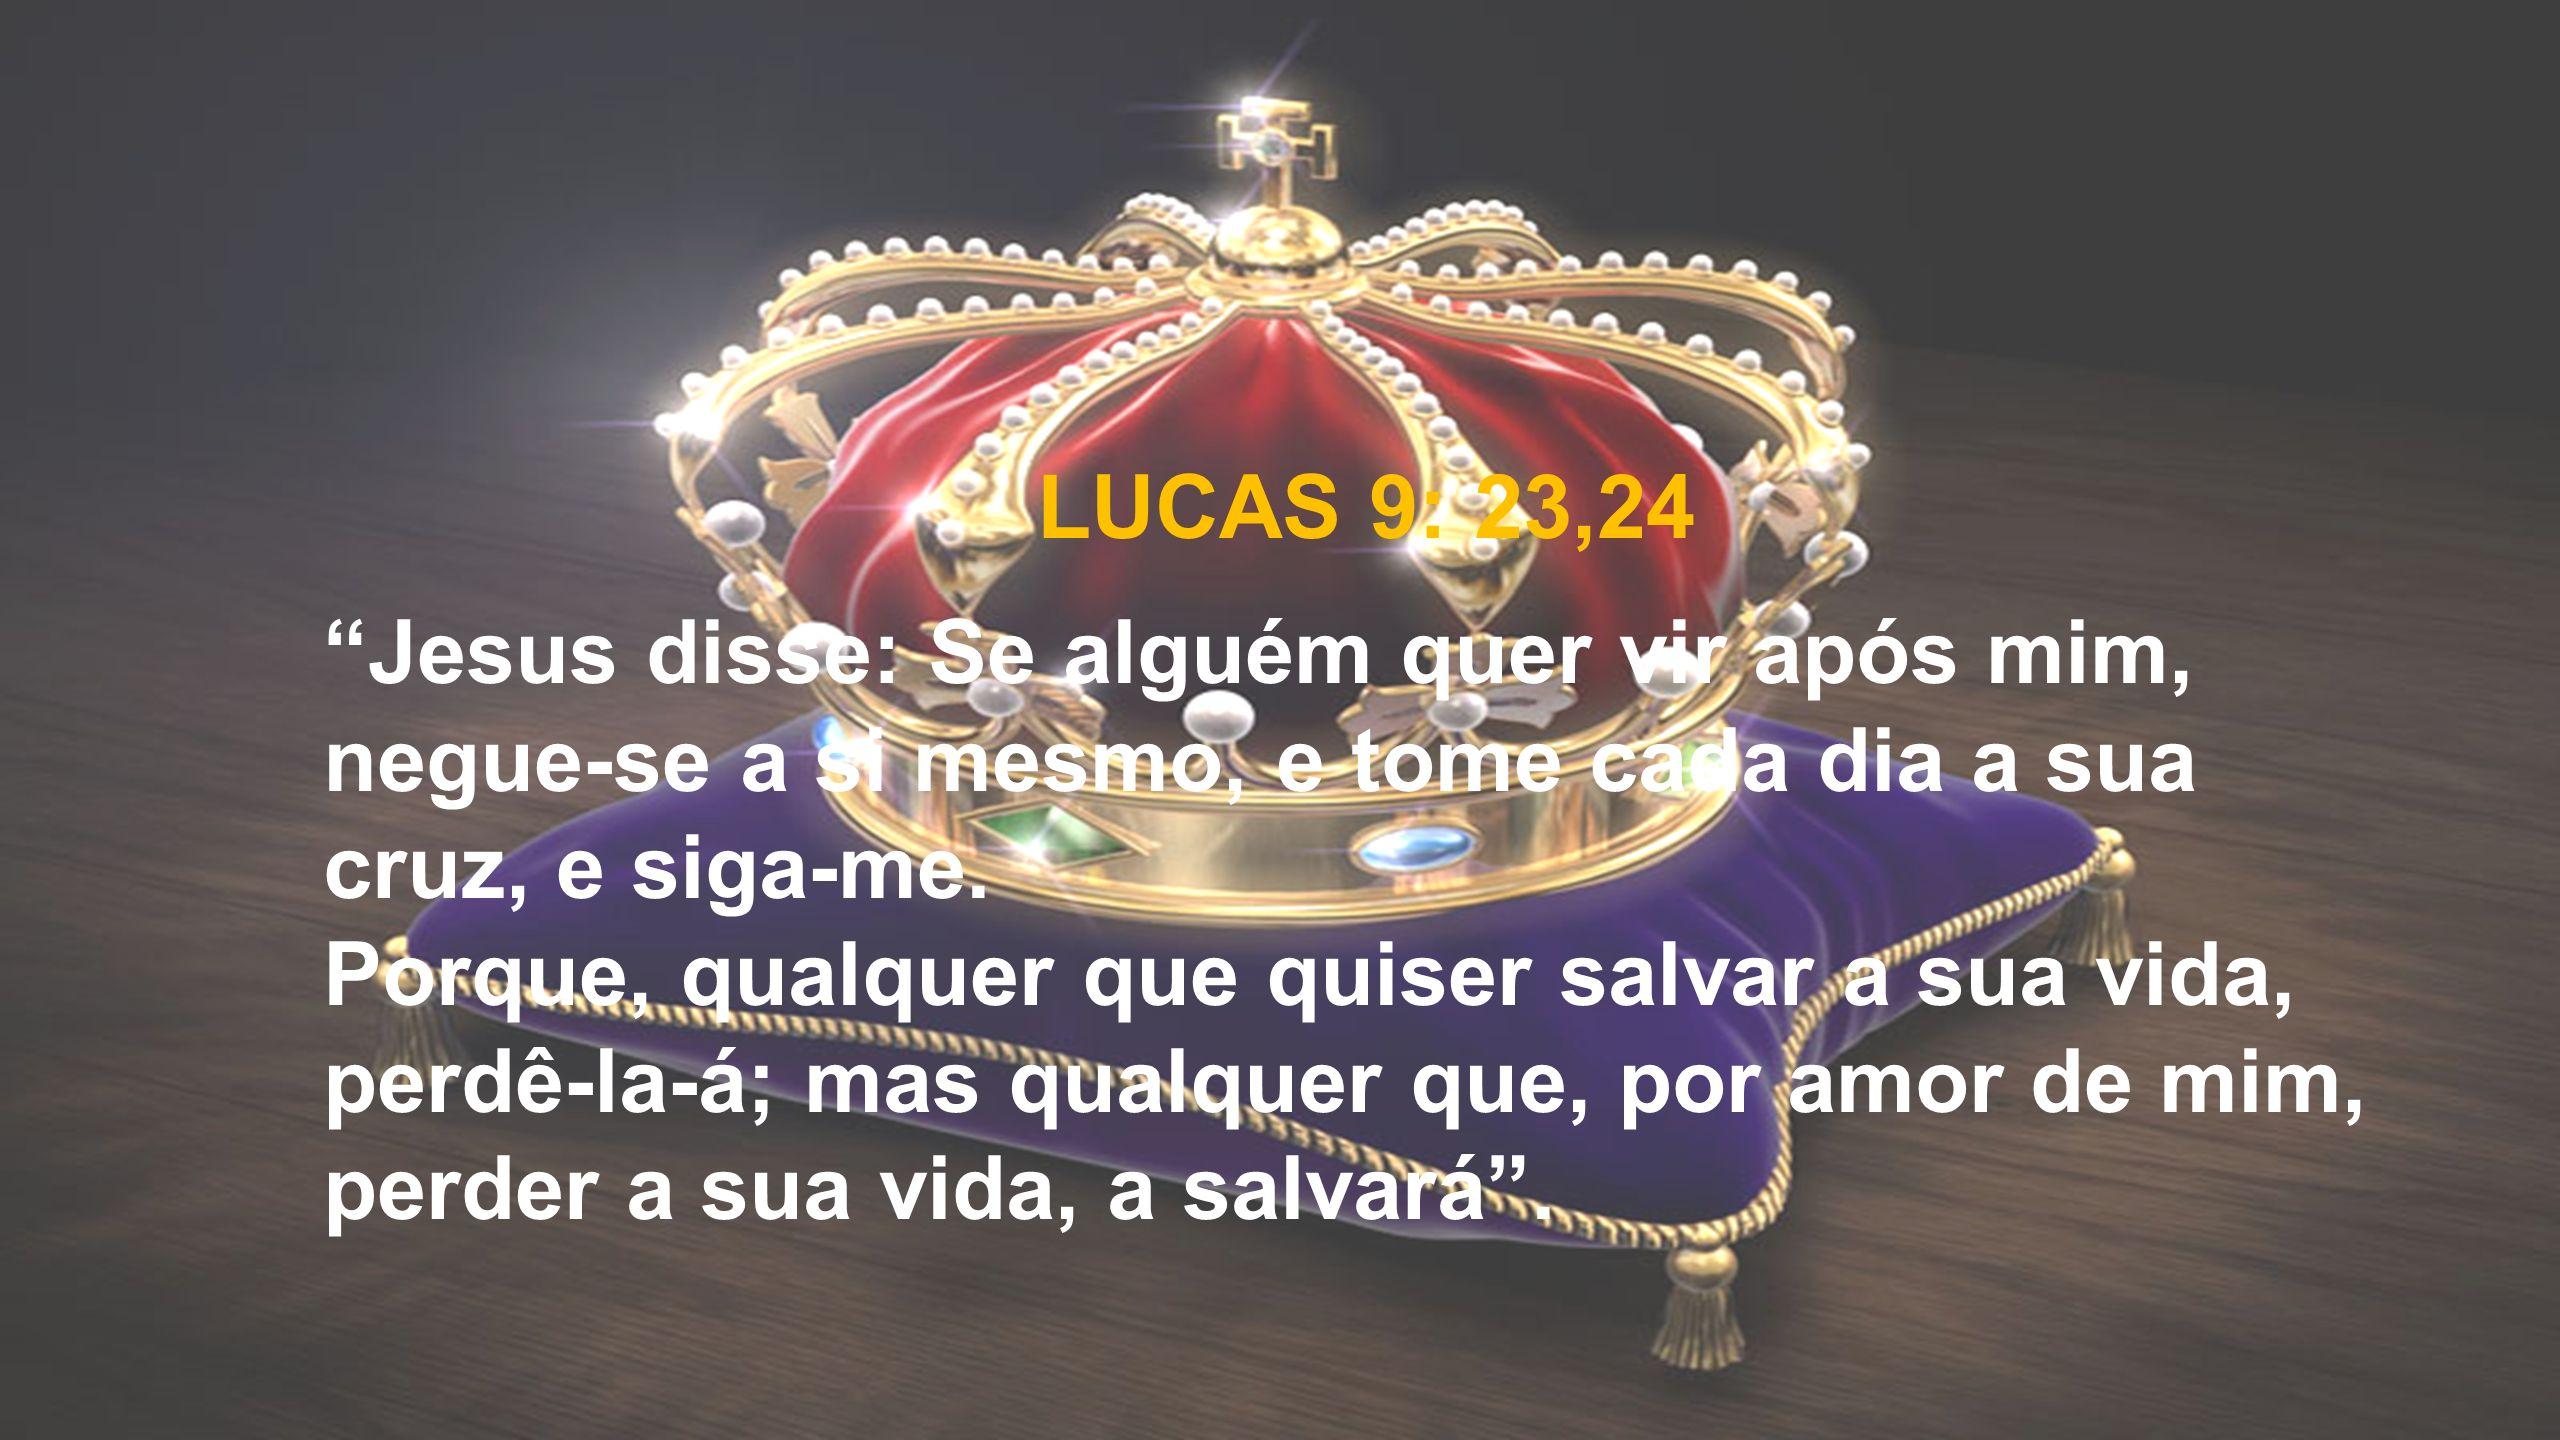 LUCAS 9: 23,24 Jesus disse: Se alguém quer vir após mim, negue-se a si mesmo, e tome cada dia a sua cruz, e siga-me.